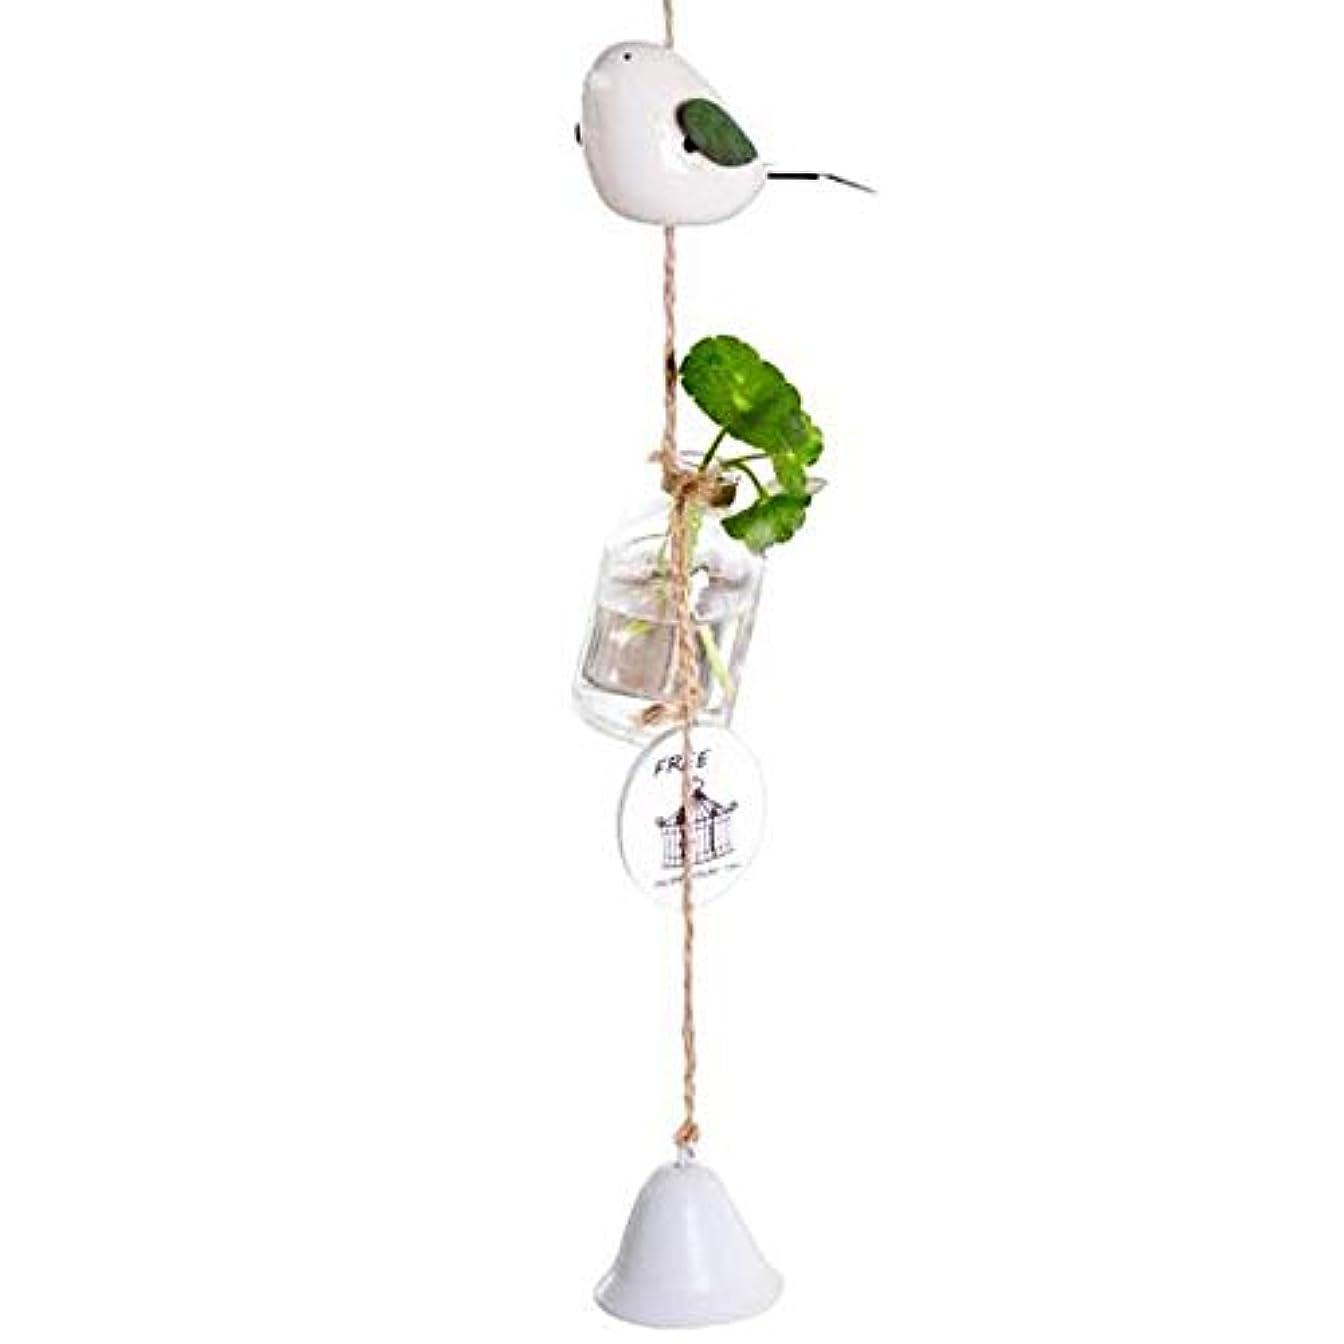 すぐにツーリスト国民投票Fengshangshanghang 風チャイム、クリエイティブ?グラス風チャイム、白、ロープの長さ63センチメートルボトル(なし植物),家の装飾 (Color : White)